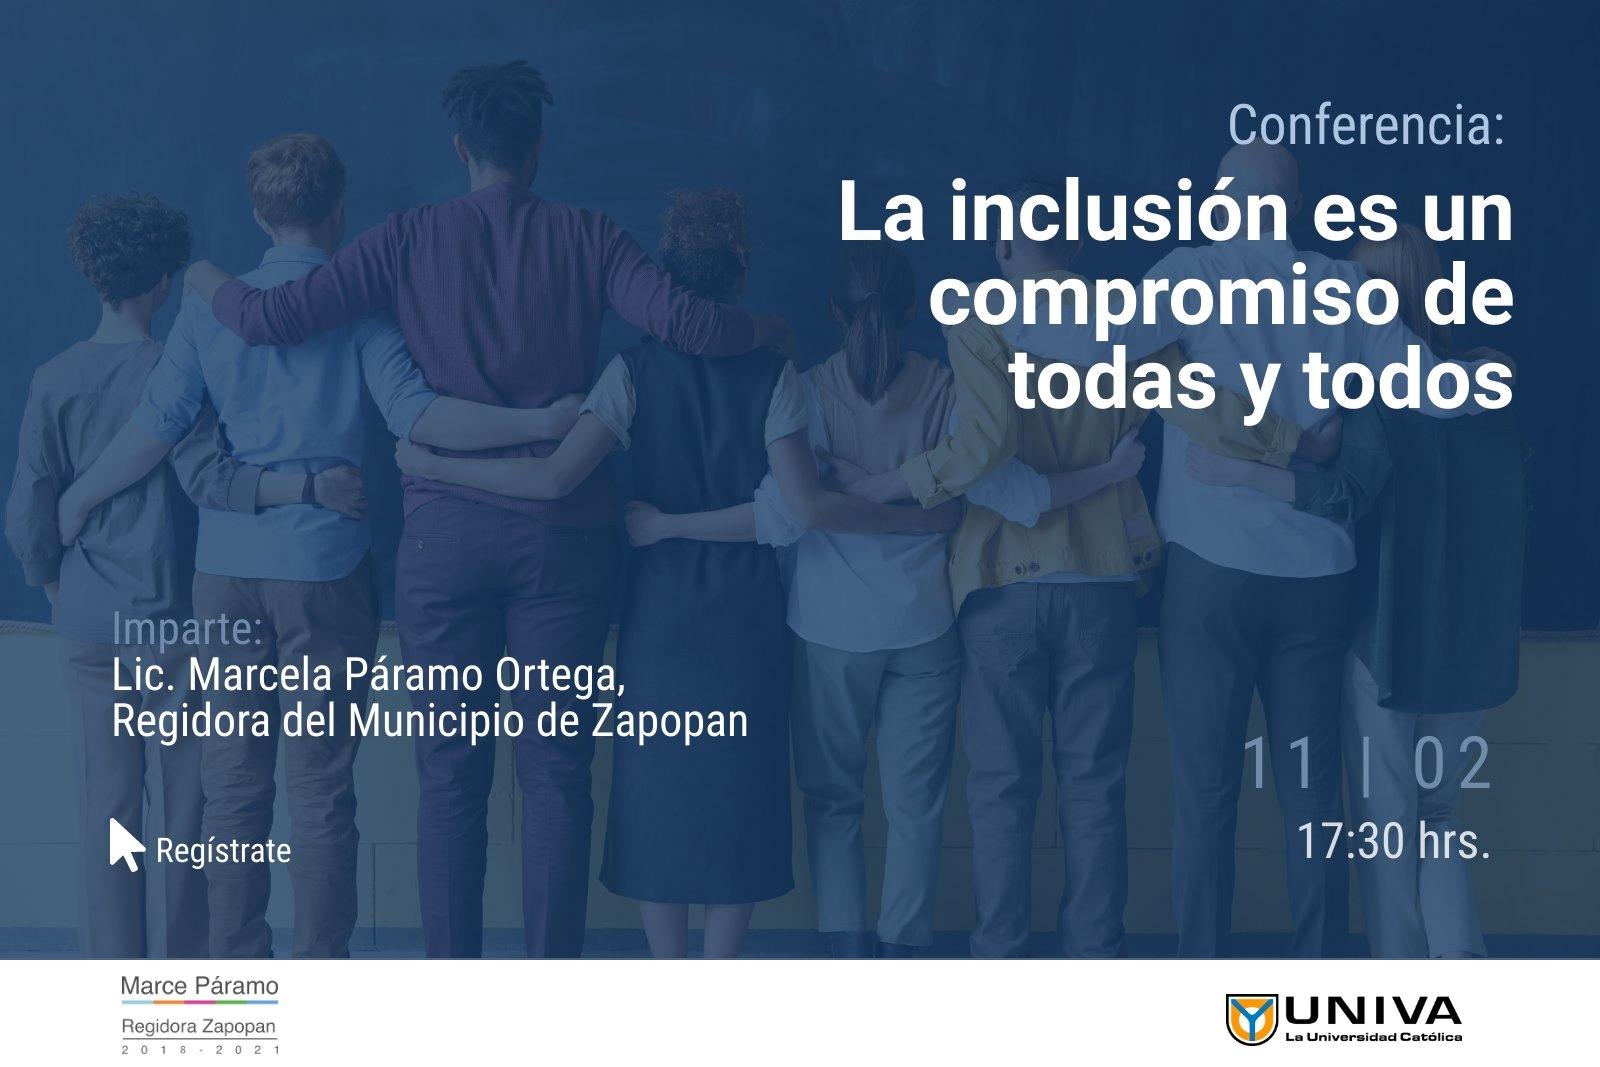 La inclusión es un compromiso de todas y todos